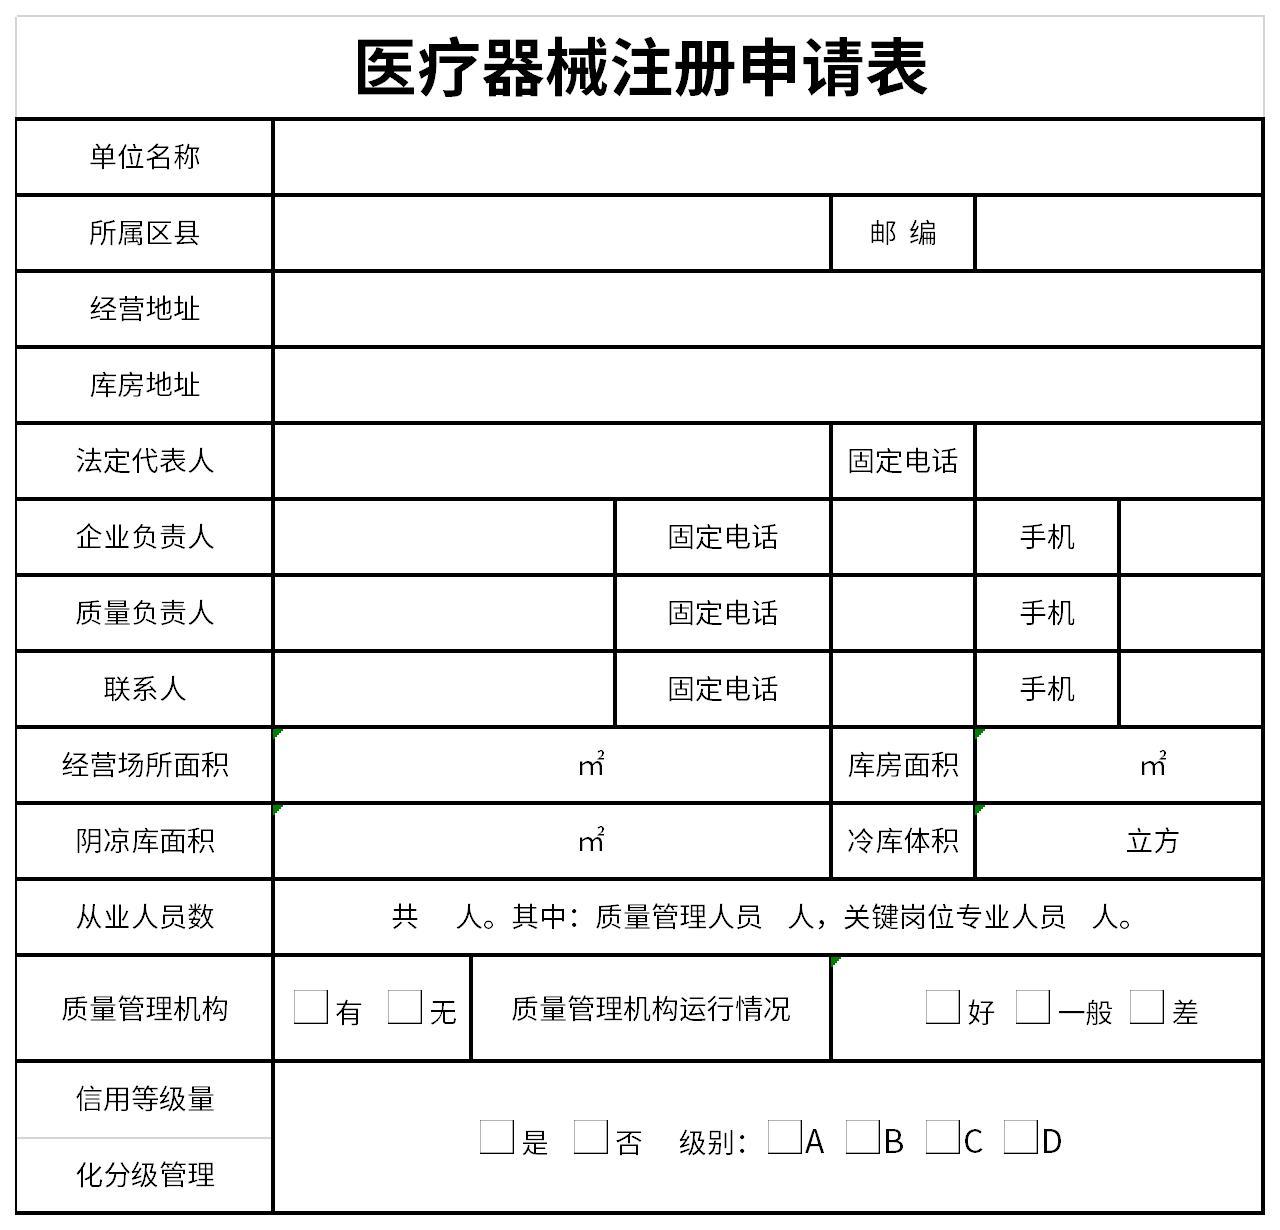 医疗器械注册申请表截图